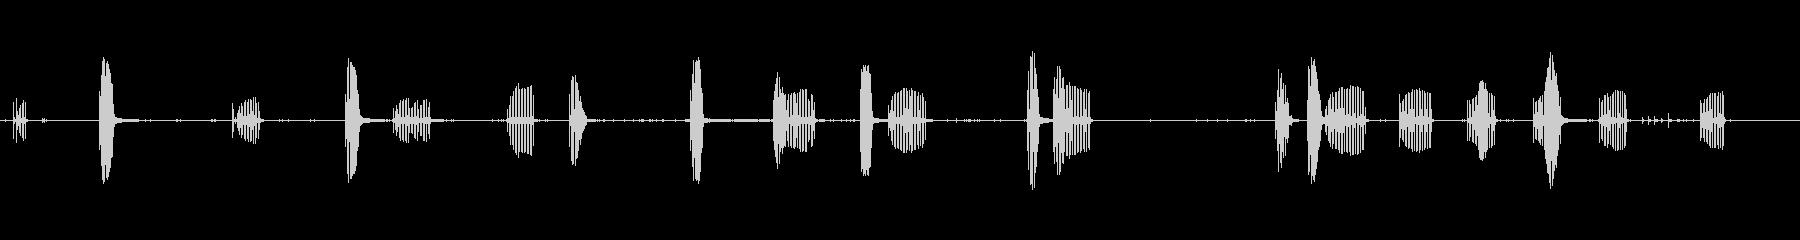 歌う白鳥-鳥の未再生の波形